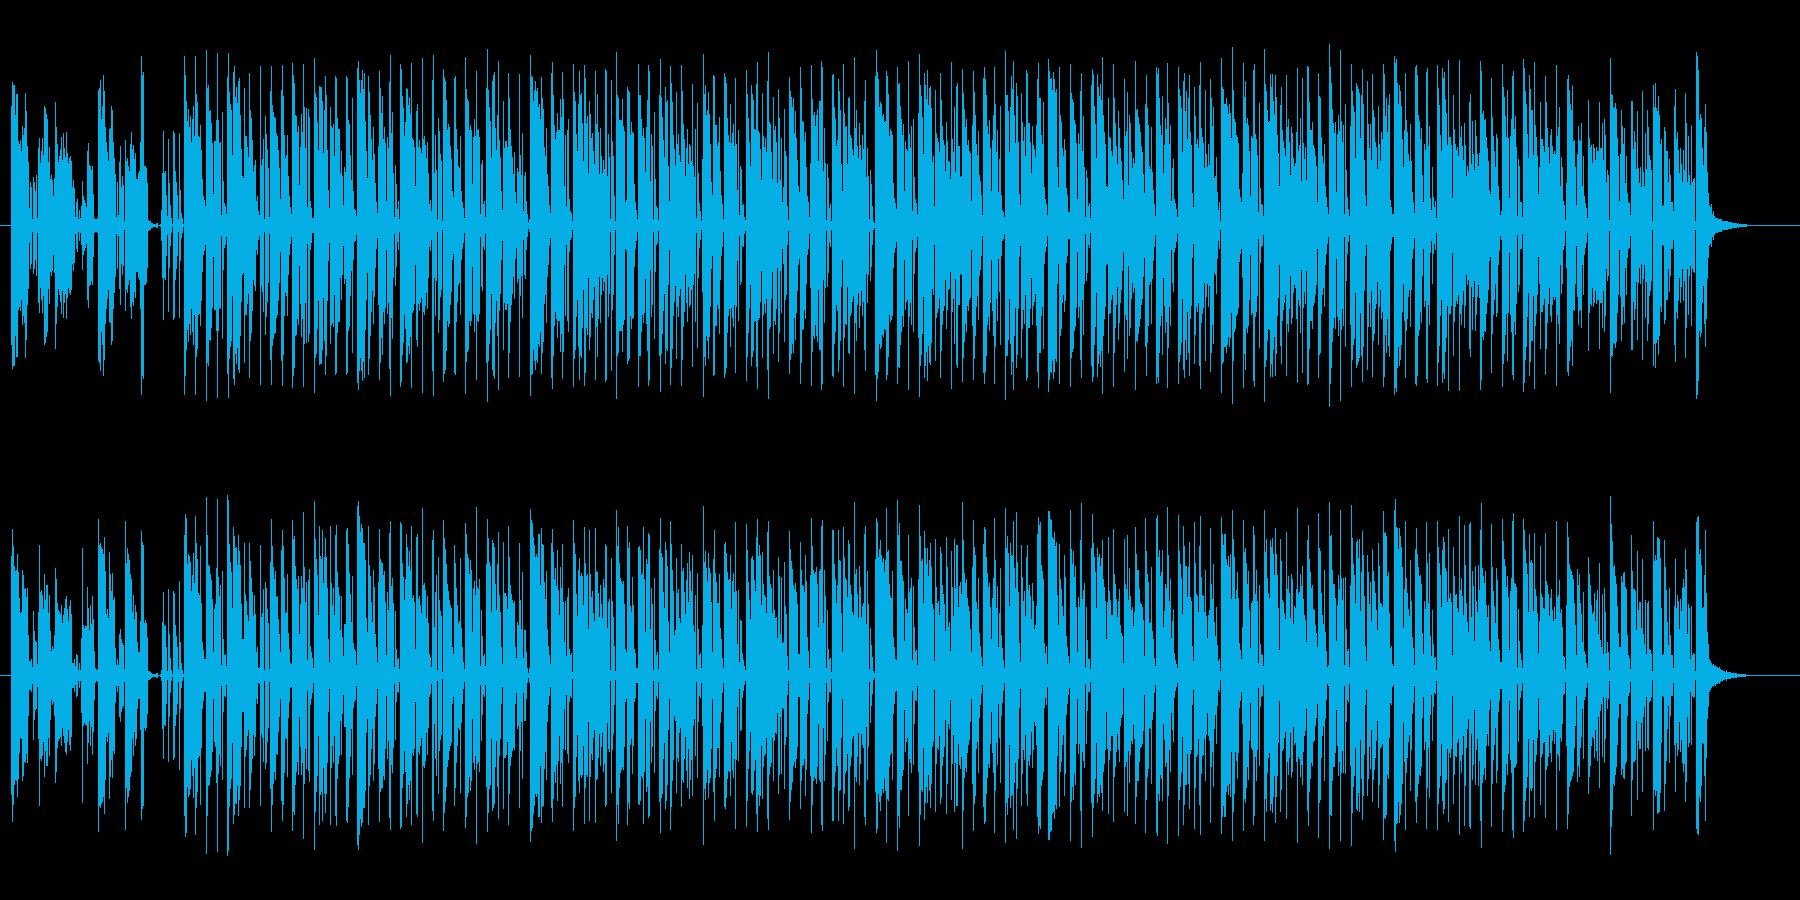 おしゃれで楽しげなギターサウンドの再生済みの波形